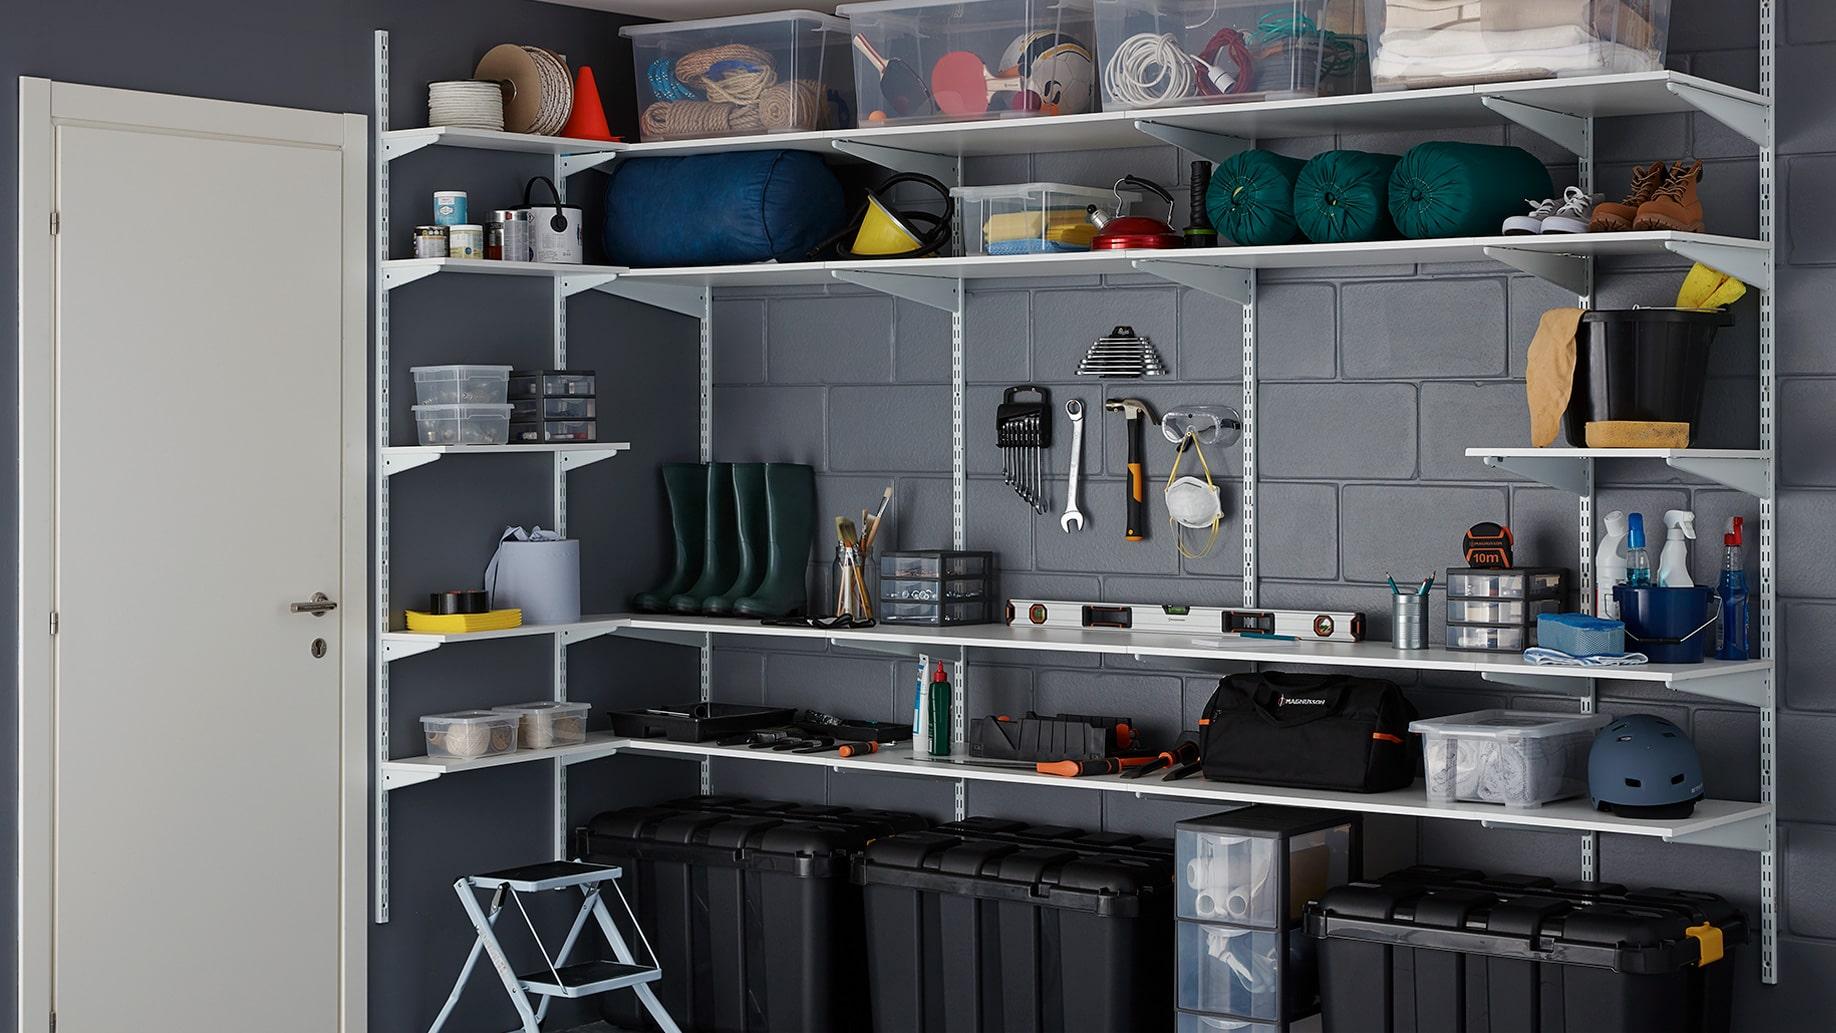 Cómo organizar un trastero y aprovechar al máximo el espacio